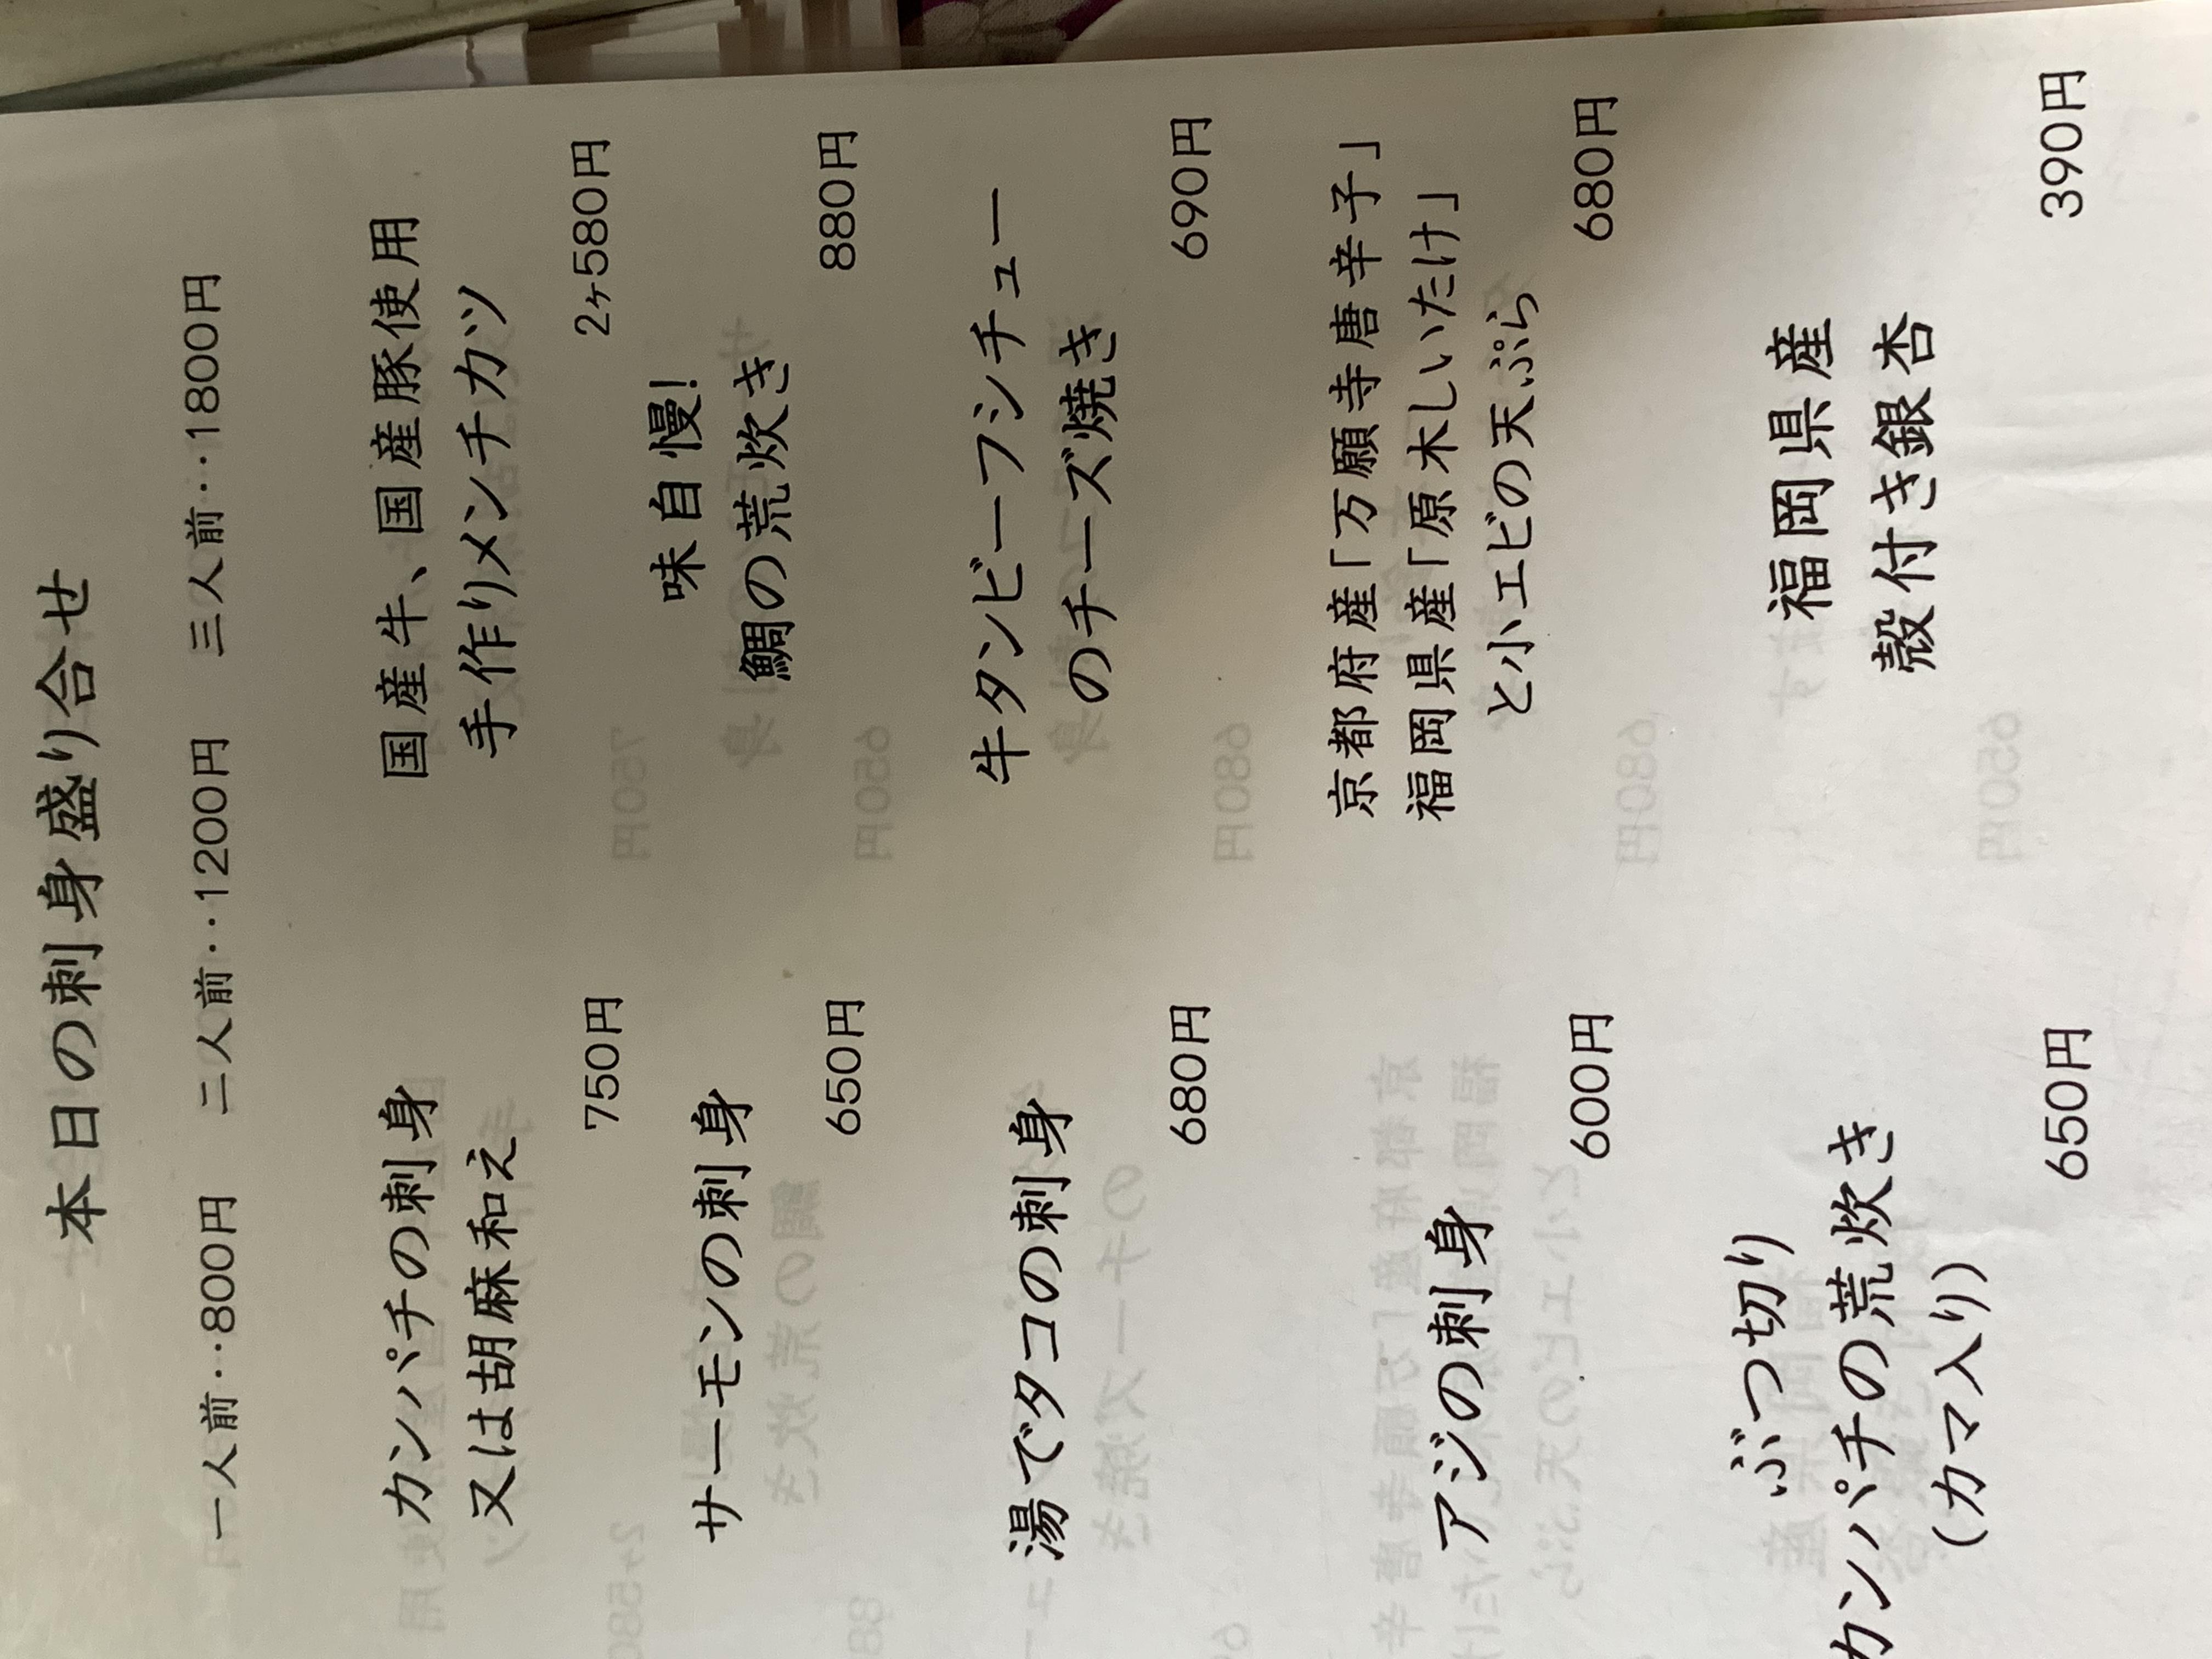 C4041EB0-60DD-46EE-8DB1-D01A609B3FF4